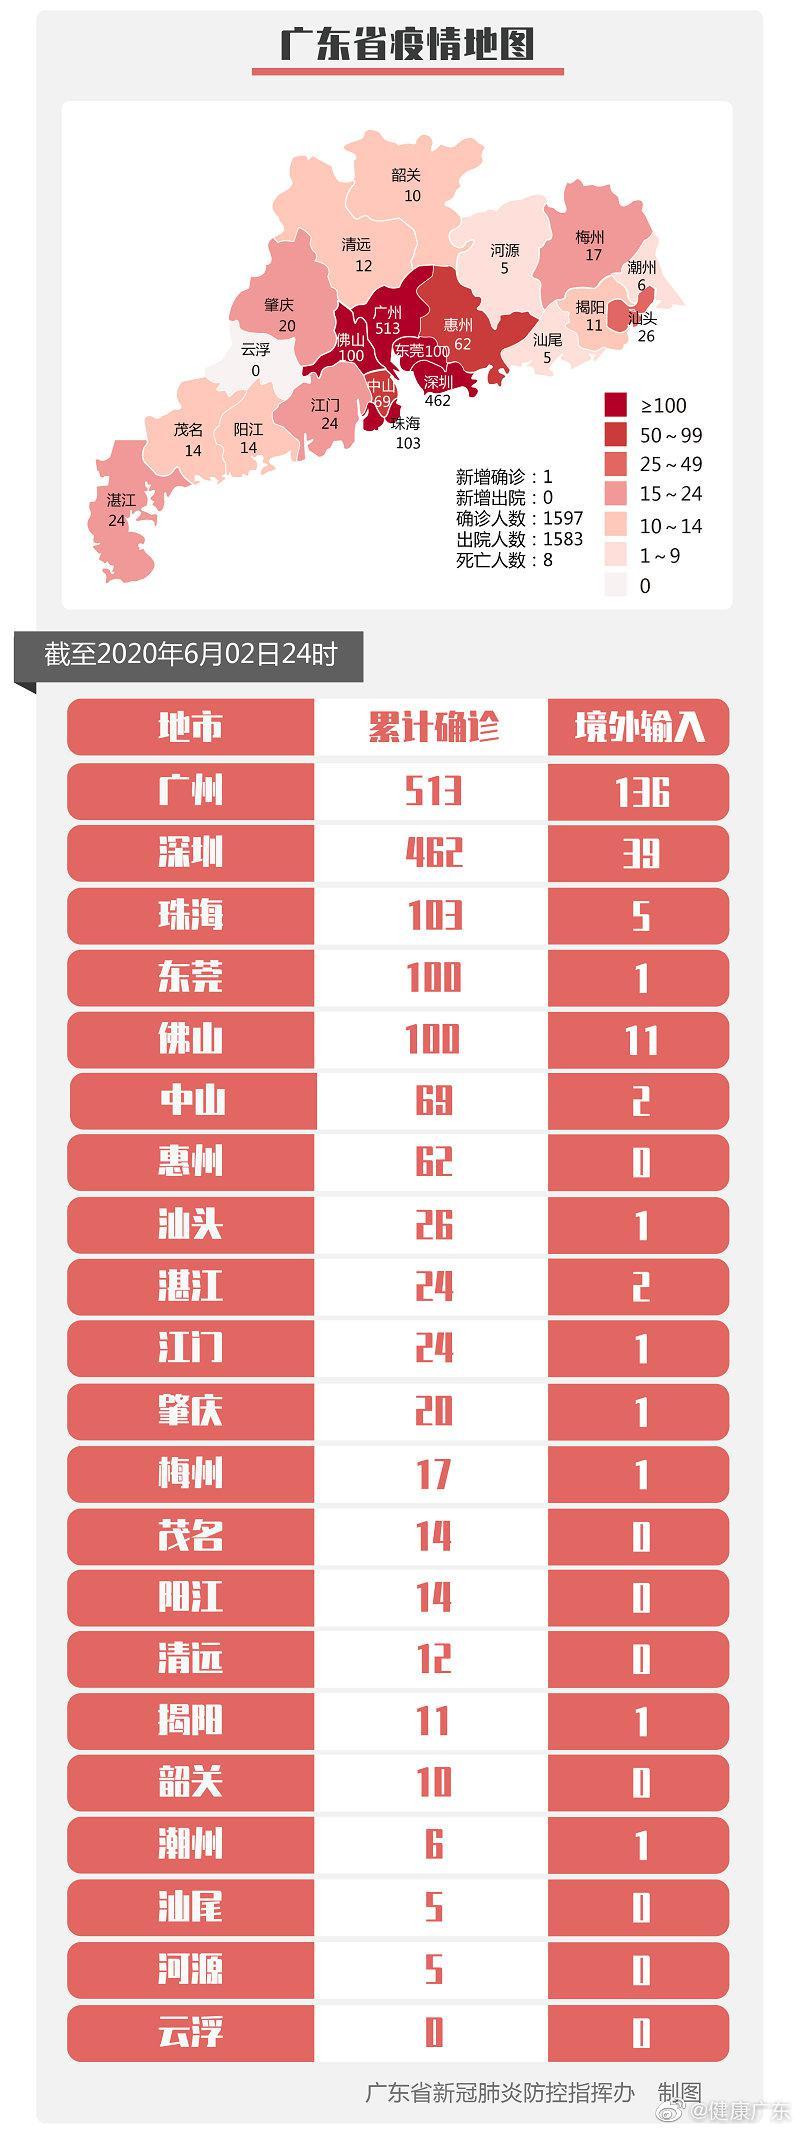 【摩天平台】2020年6月2日广摩天平台东省图片